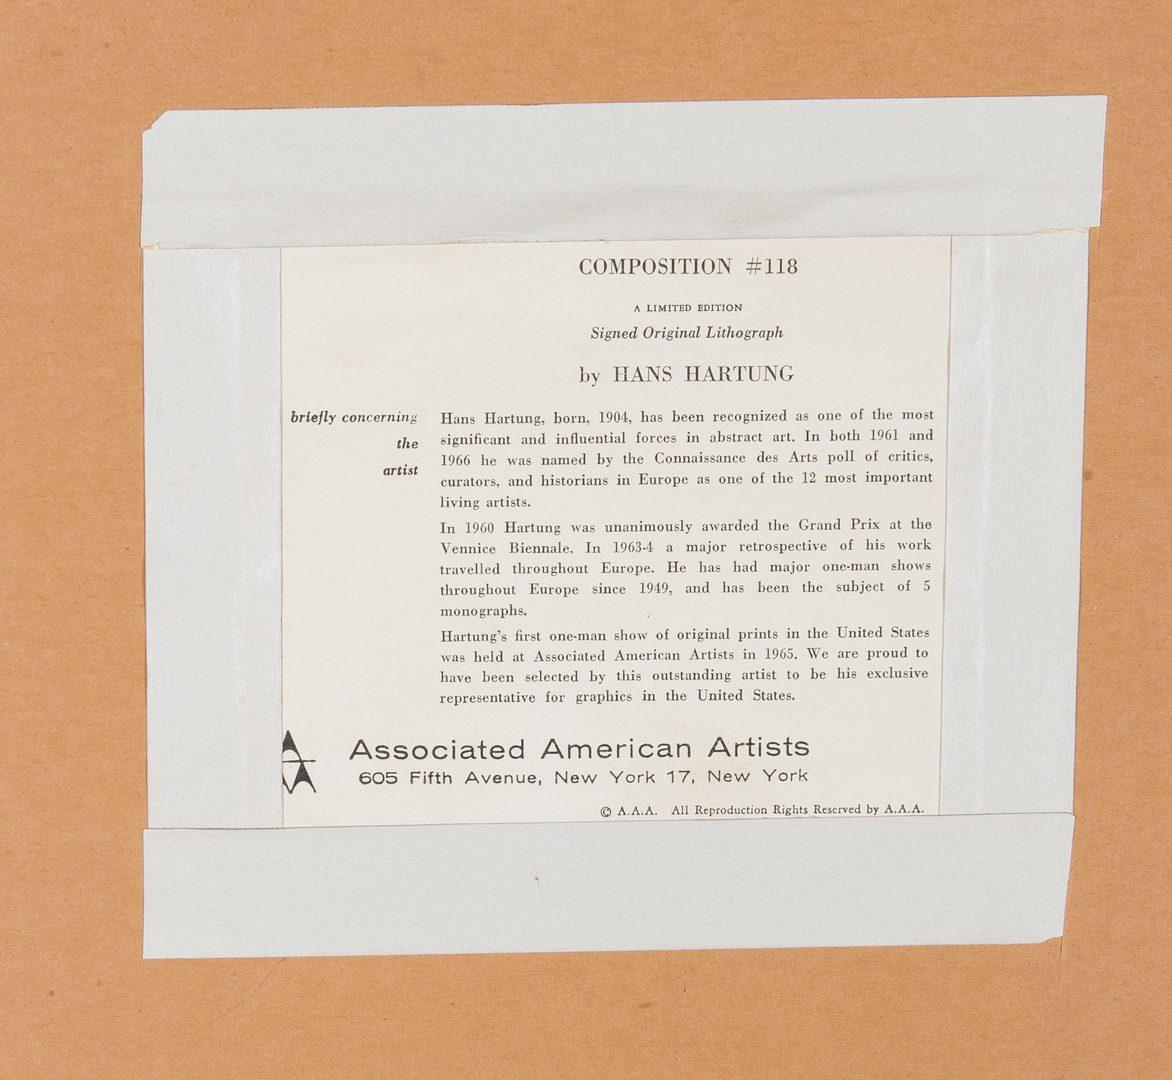 Lot 539: Hans Hartung Lithograph, Composition 118